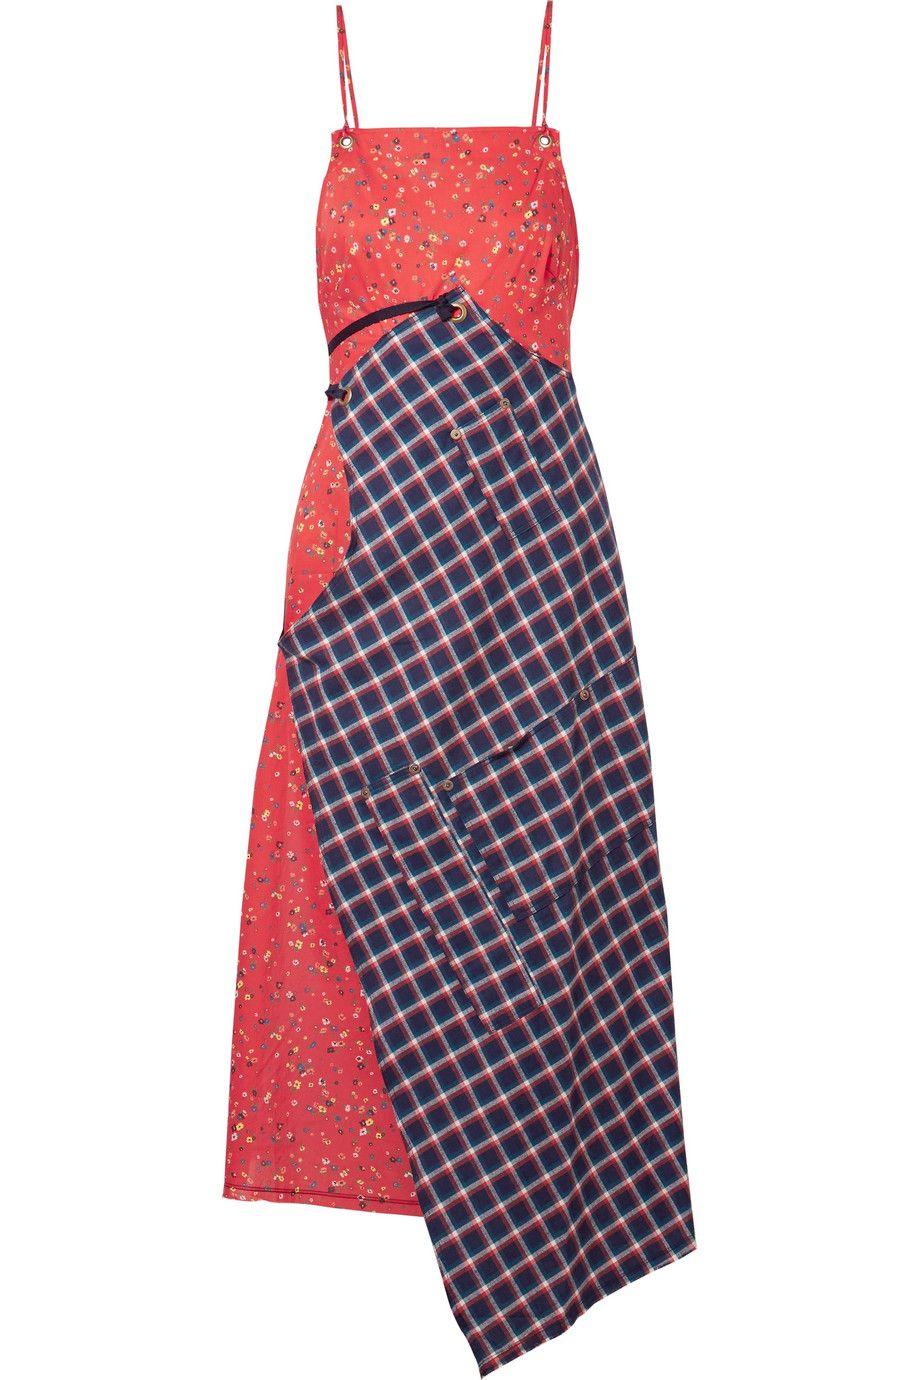 Vestidos que deberías tener esta primavera - El vestido híbrido (y ...